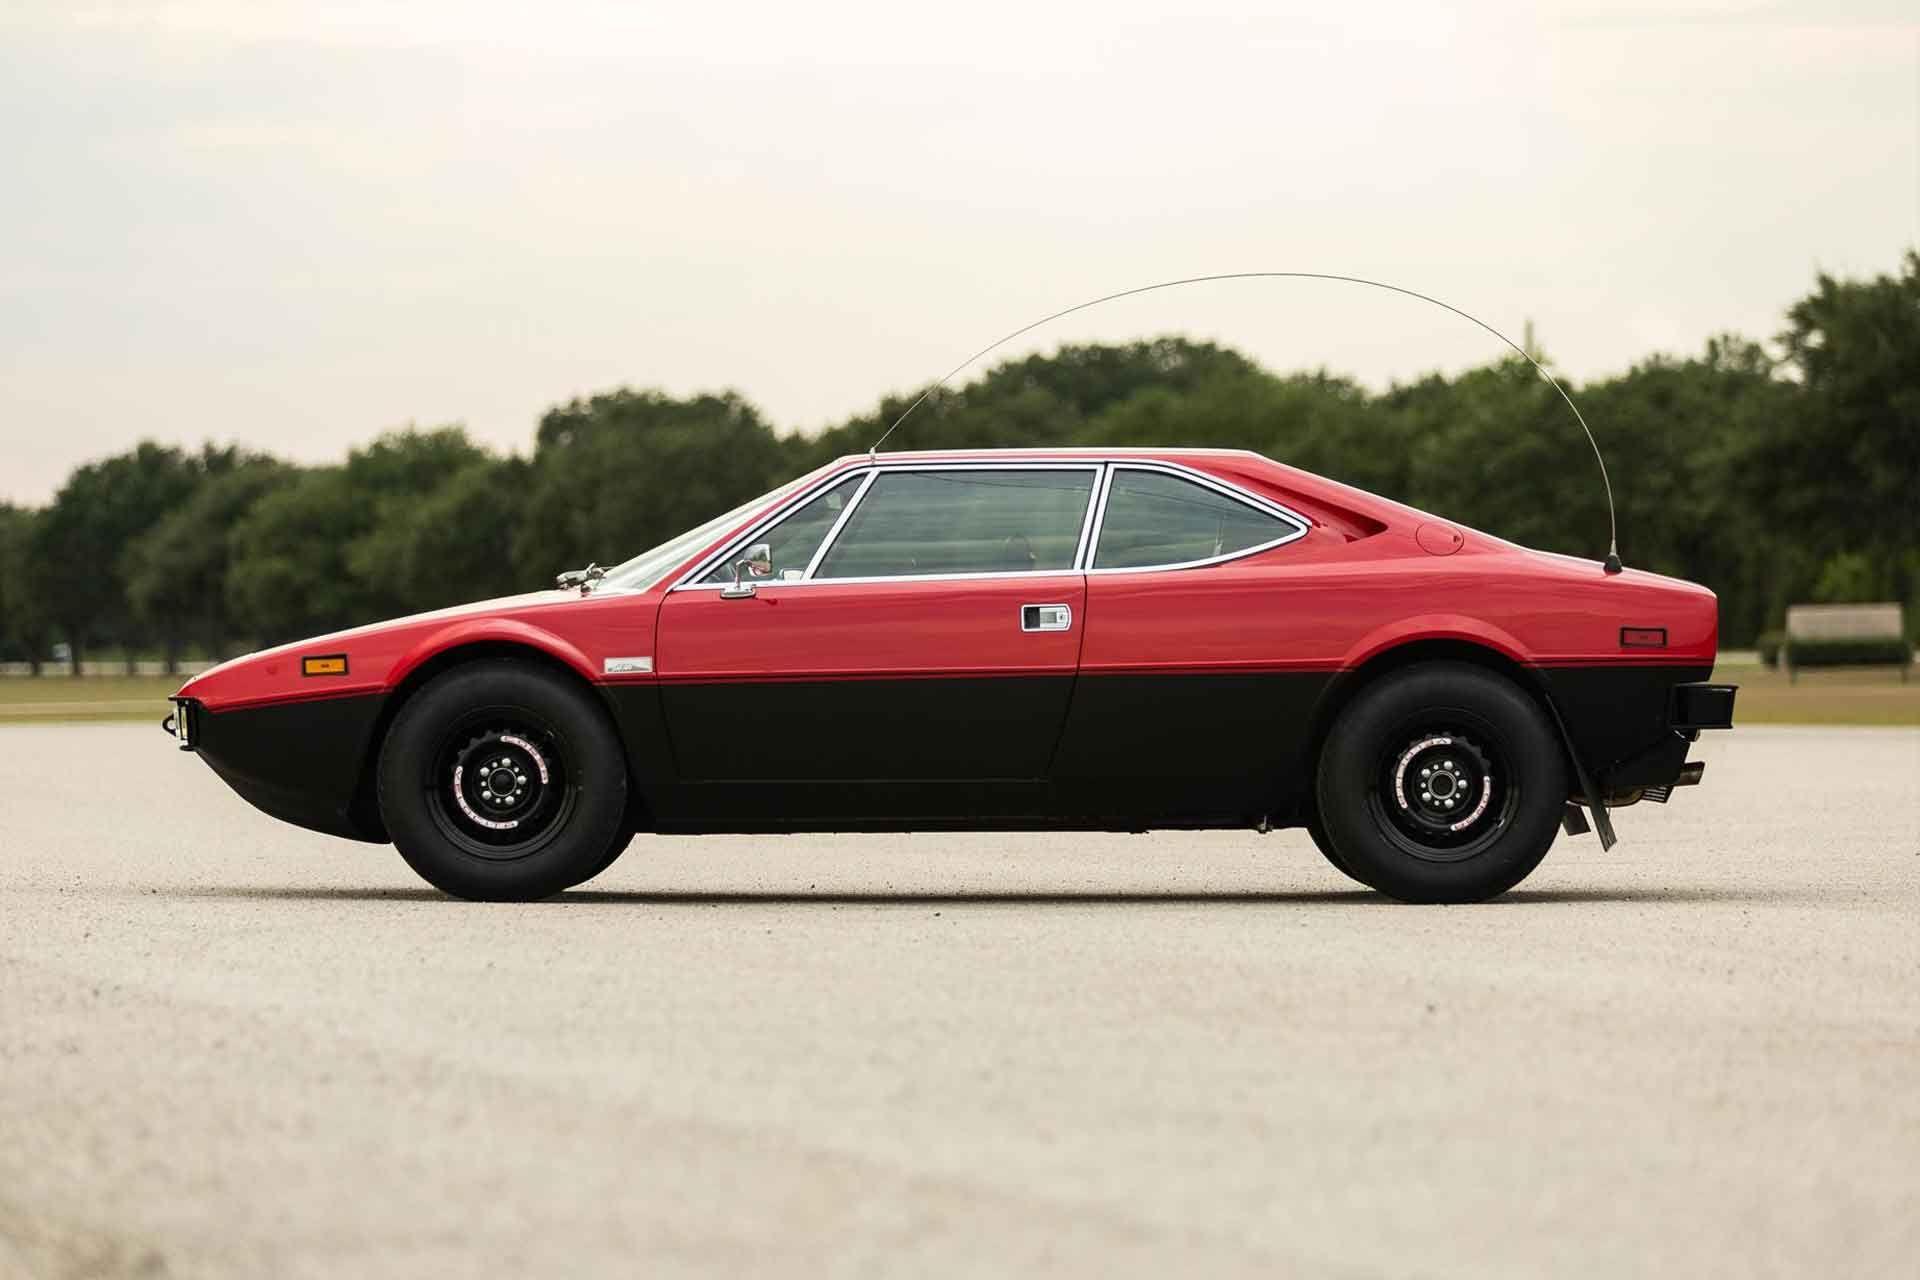 1975 Ferrari 308 Gt4 Safari Ferrari Safari Coupe